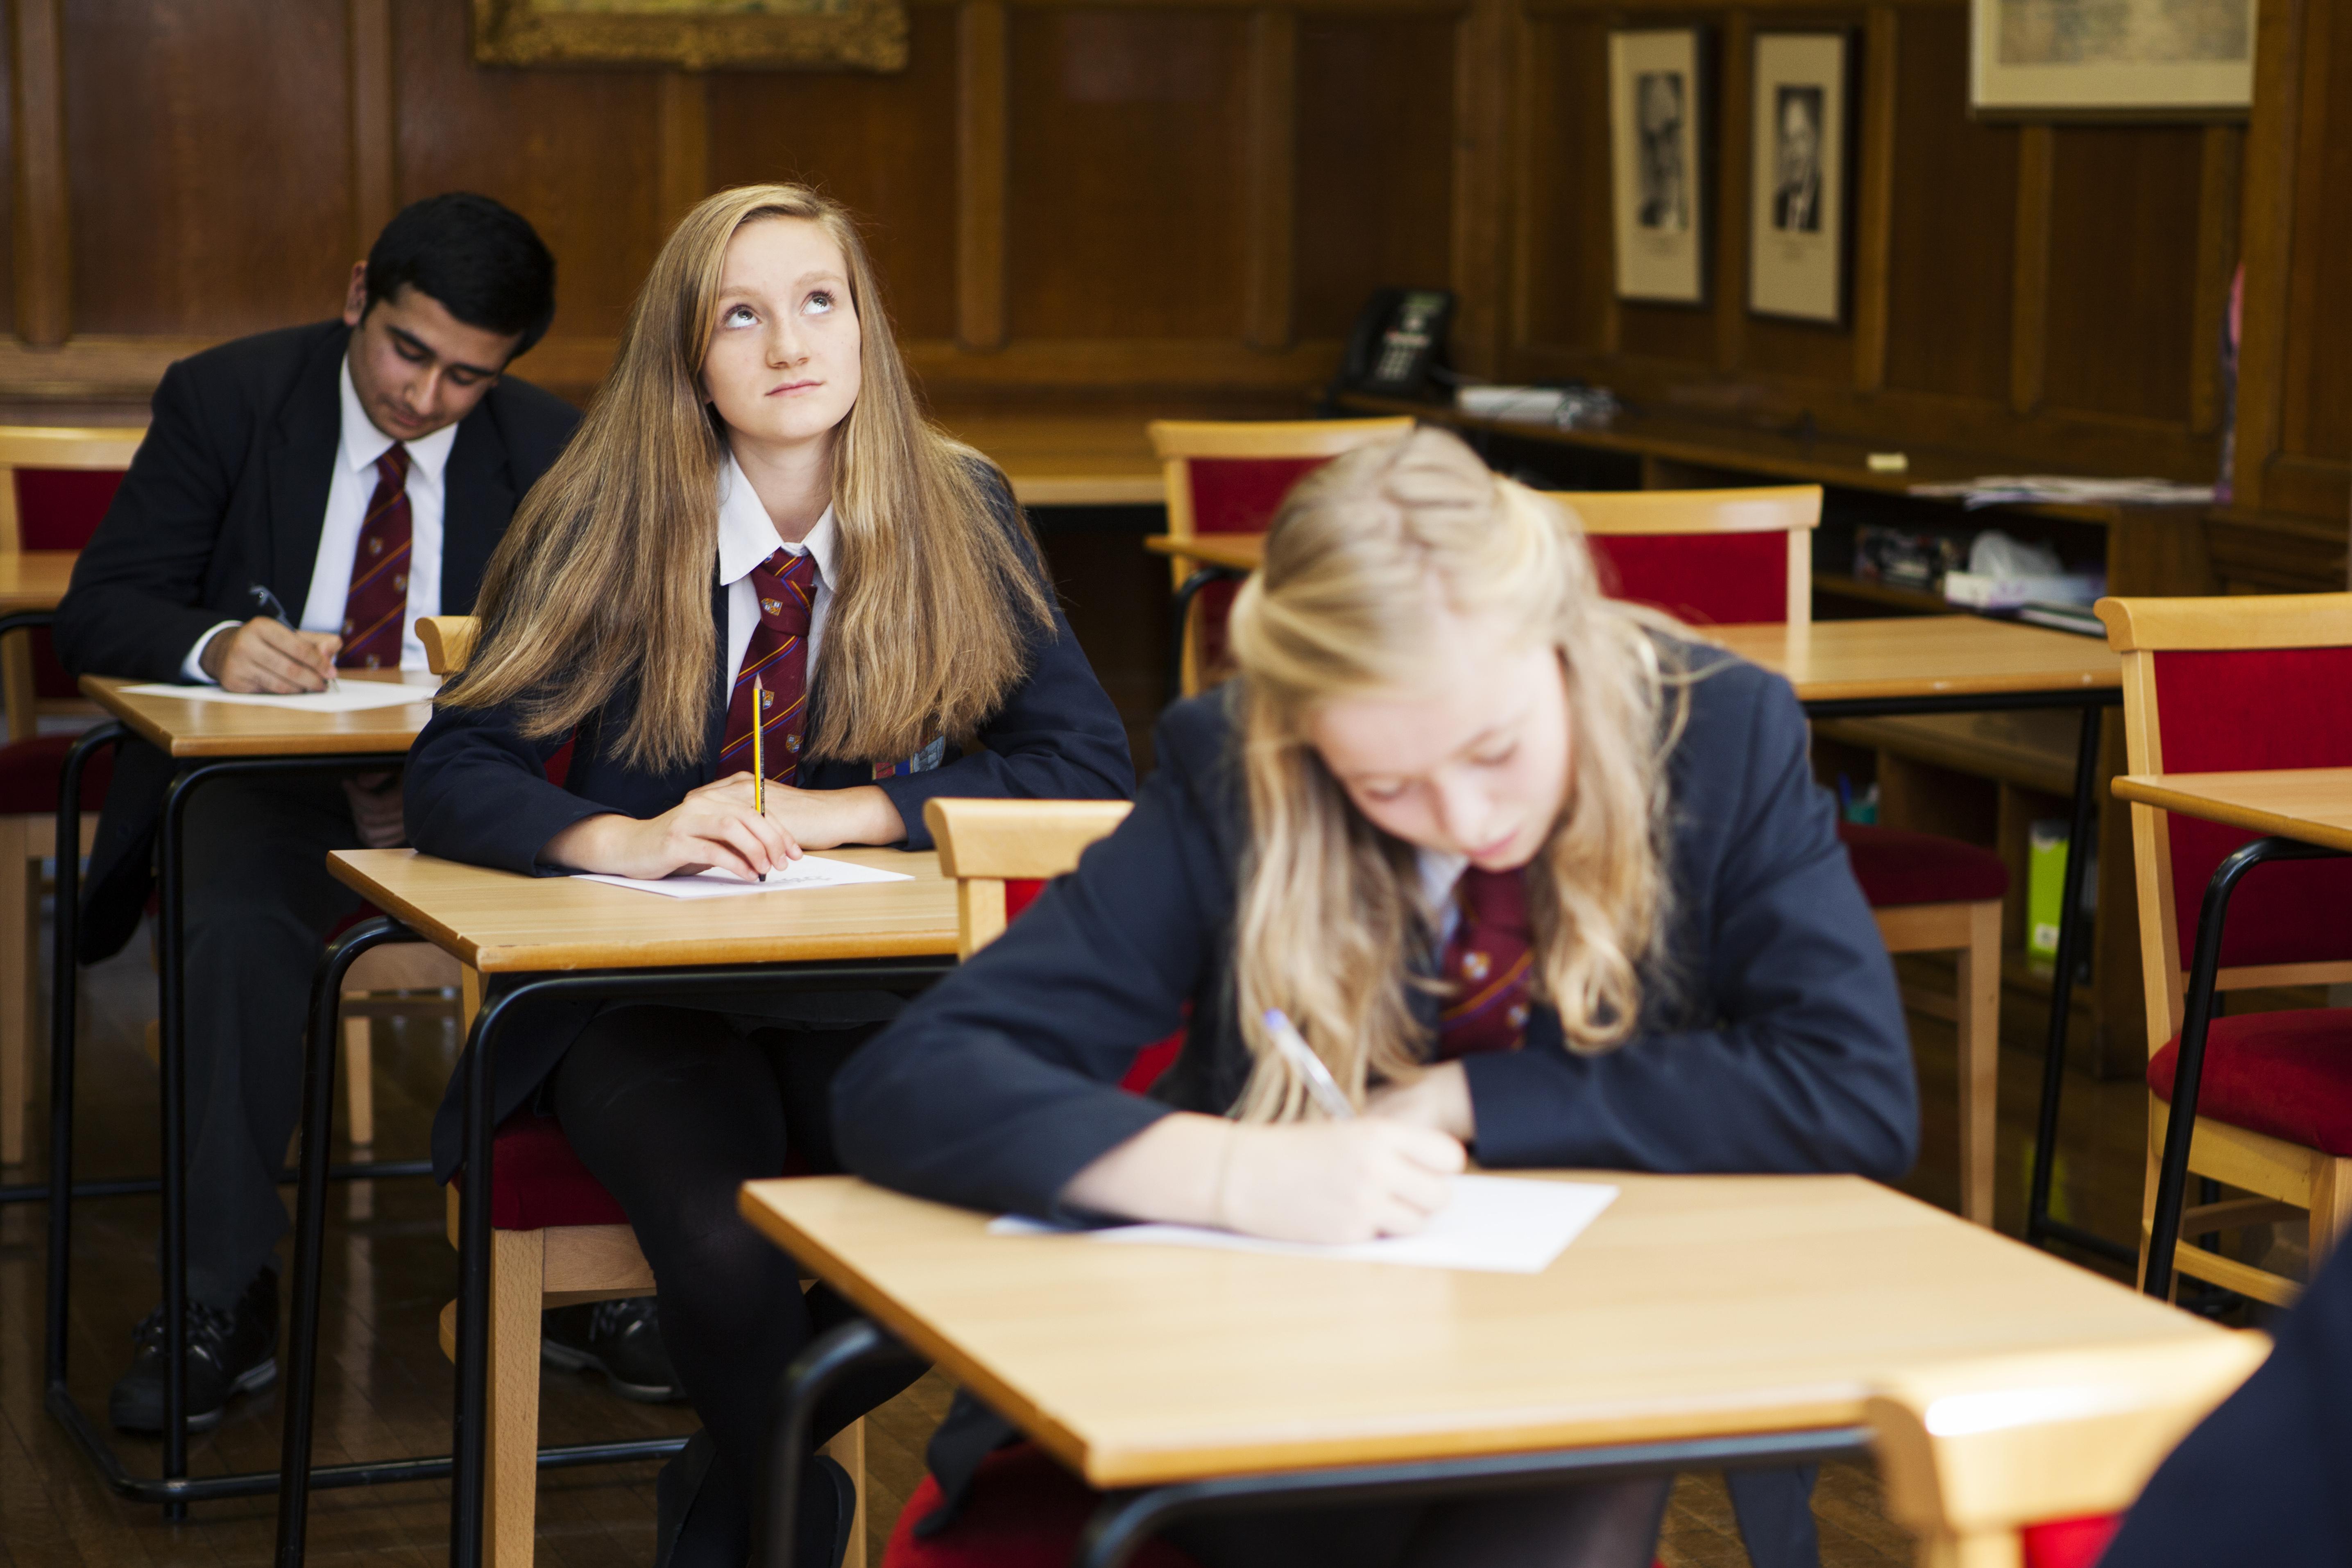 A Brexit-szavazás óta egyre többet zaklatják a kelet-európai diákokat a brit iskolákban